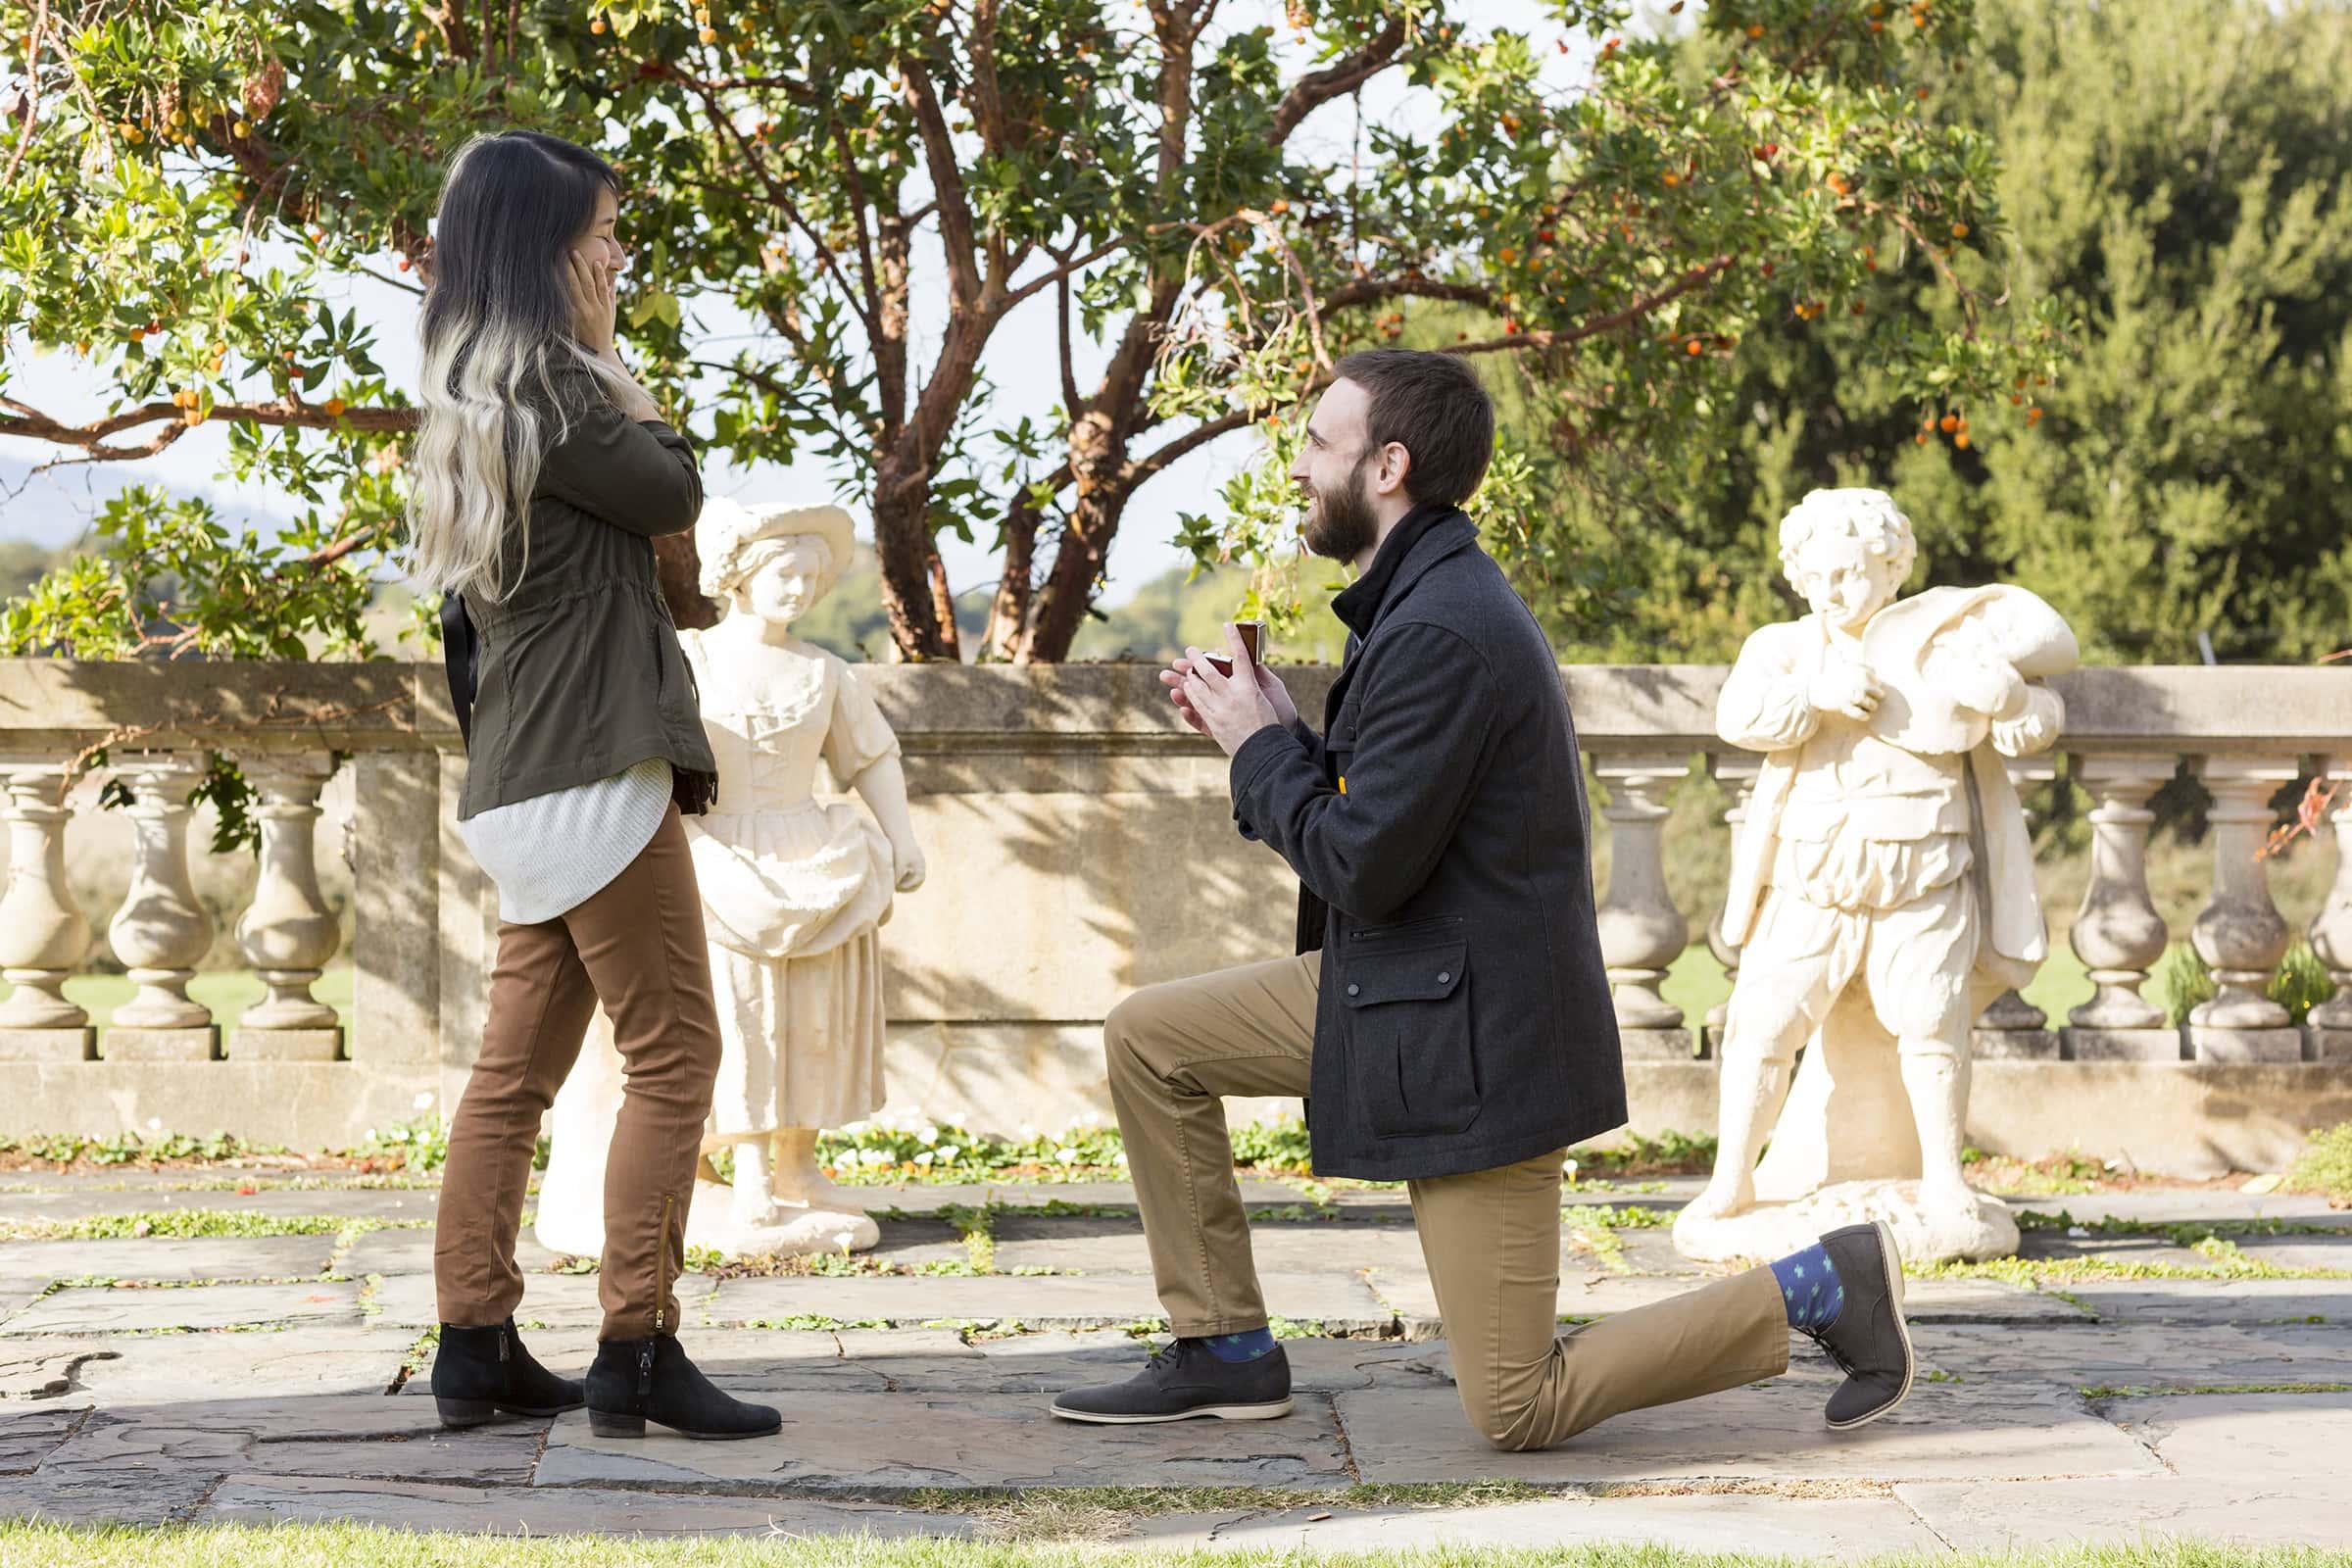 filoli marriage proposal guy in green jacket on his knee proposing to girl in green jacket